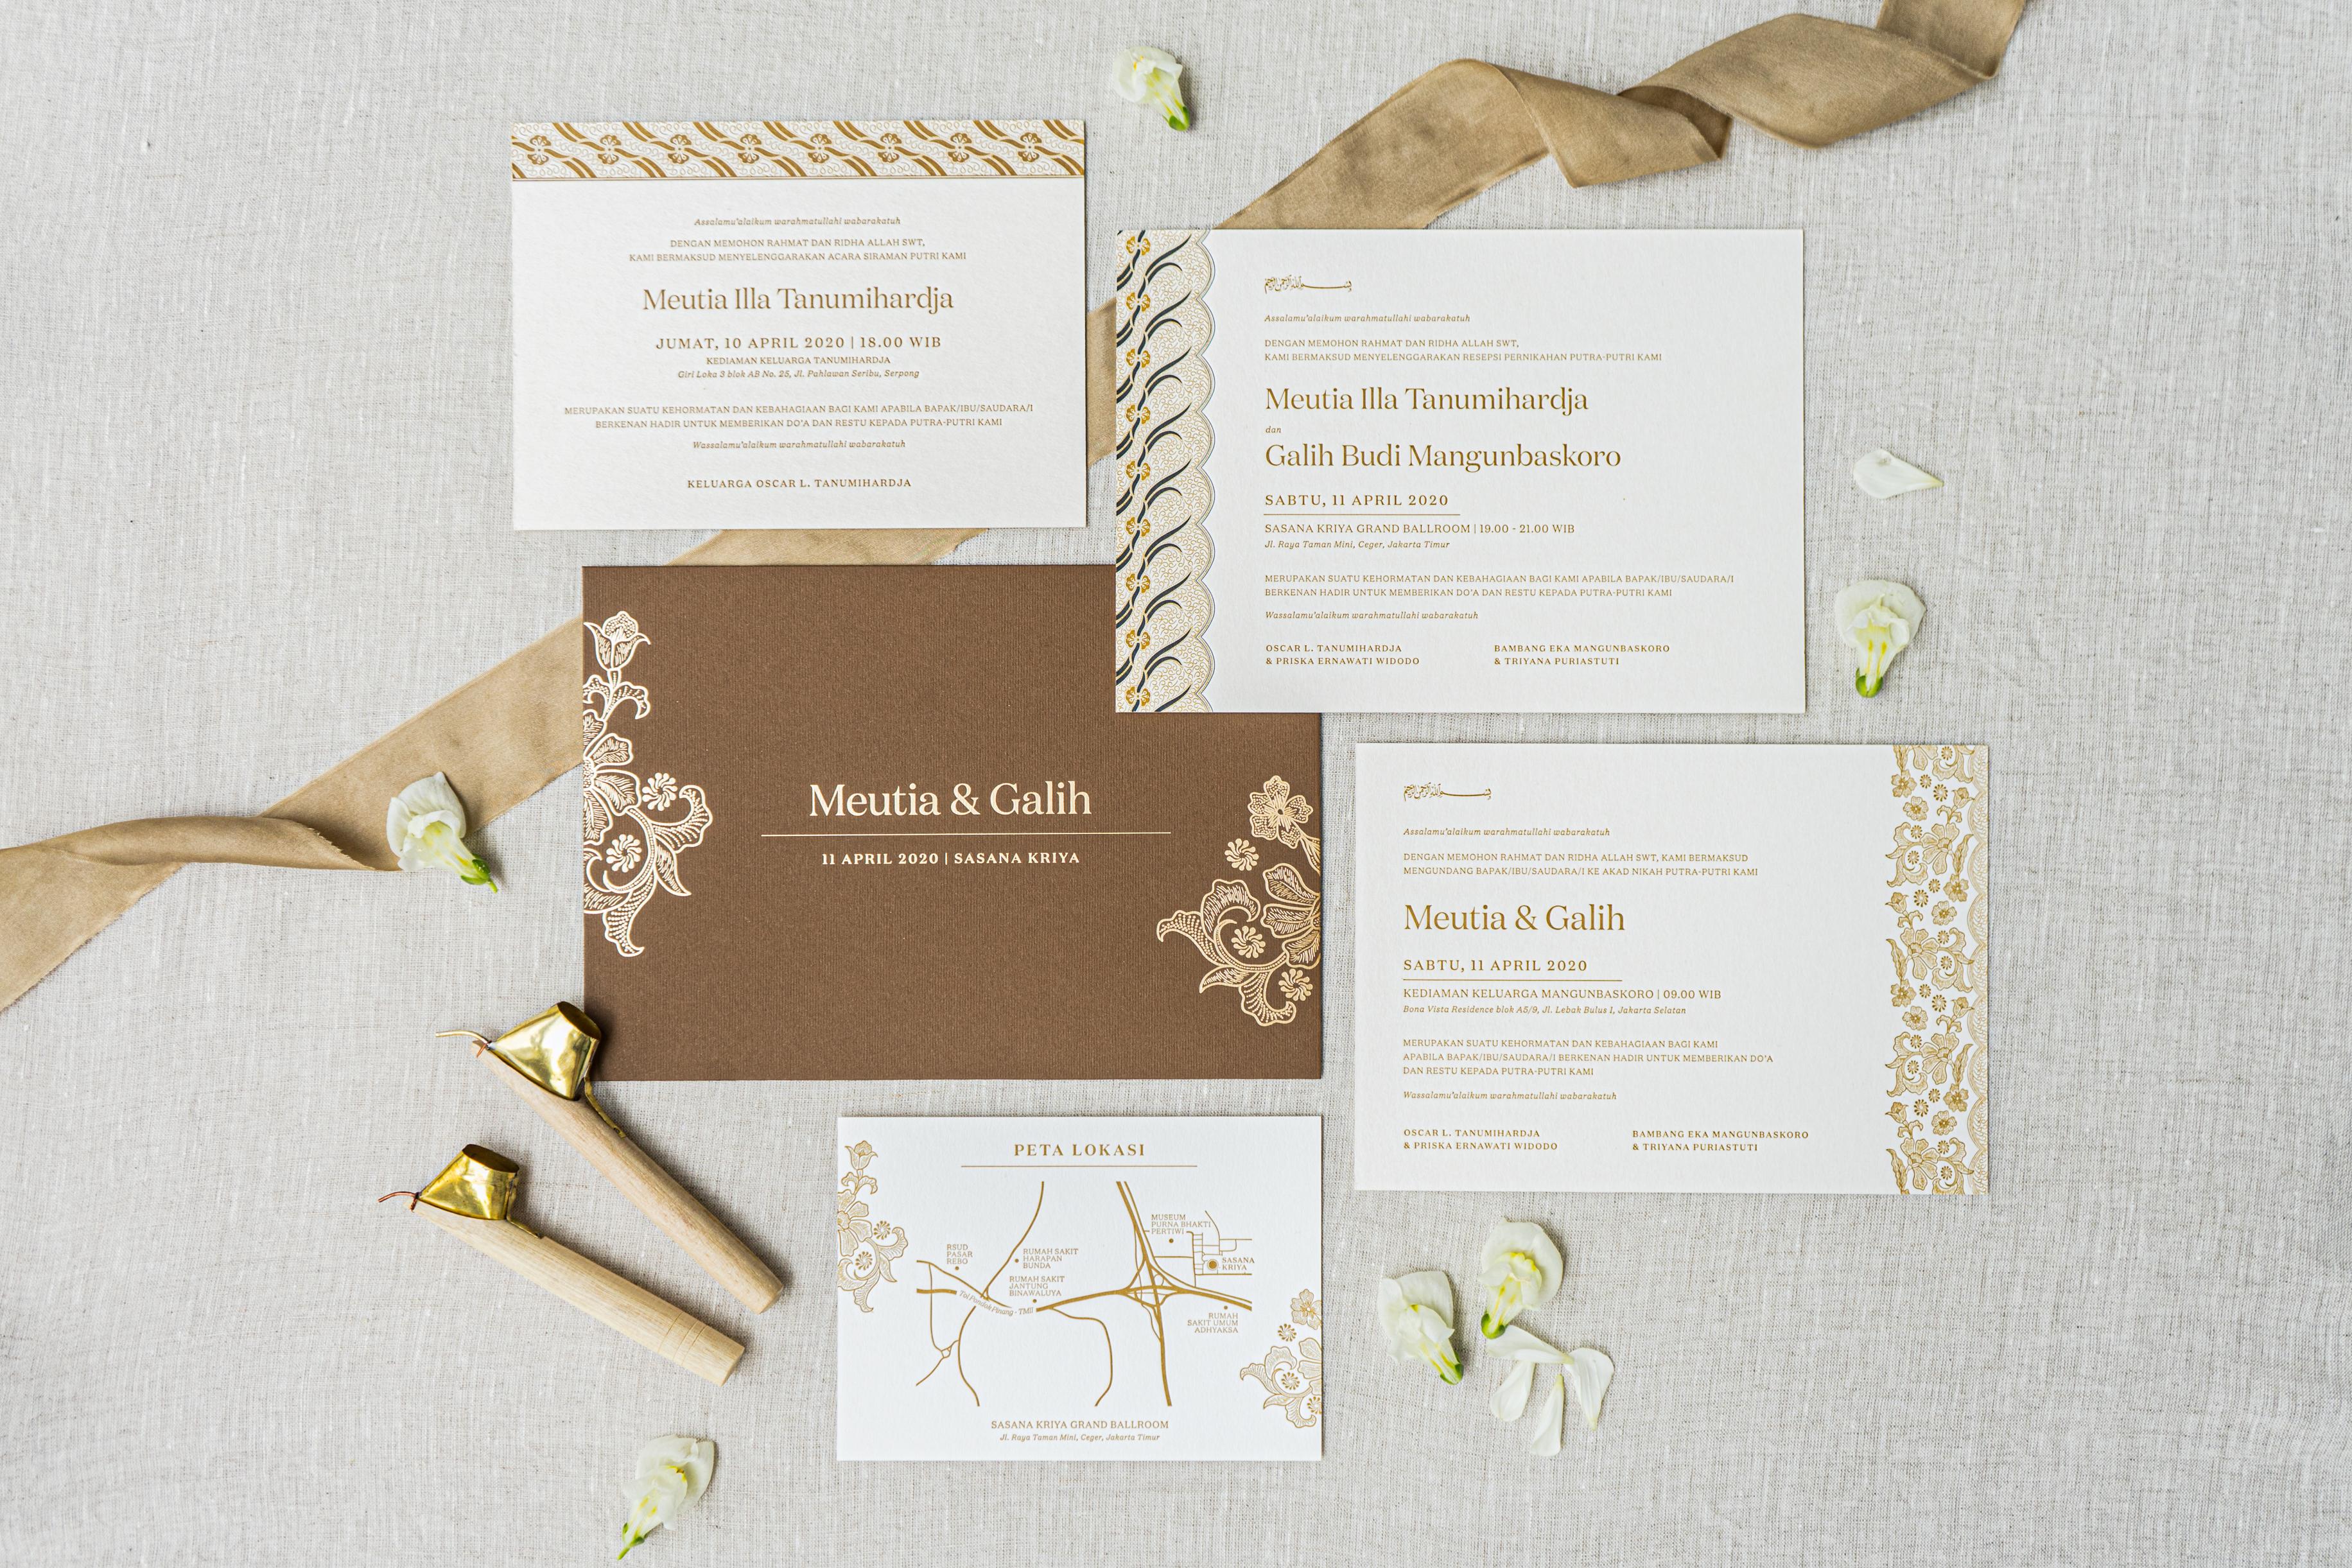 Desain Undangan Pernikahan Yang Bagus